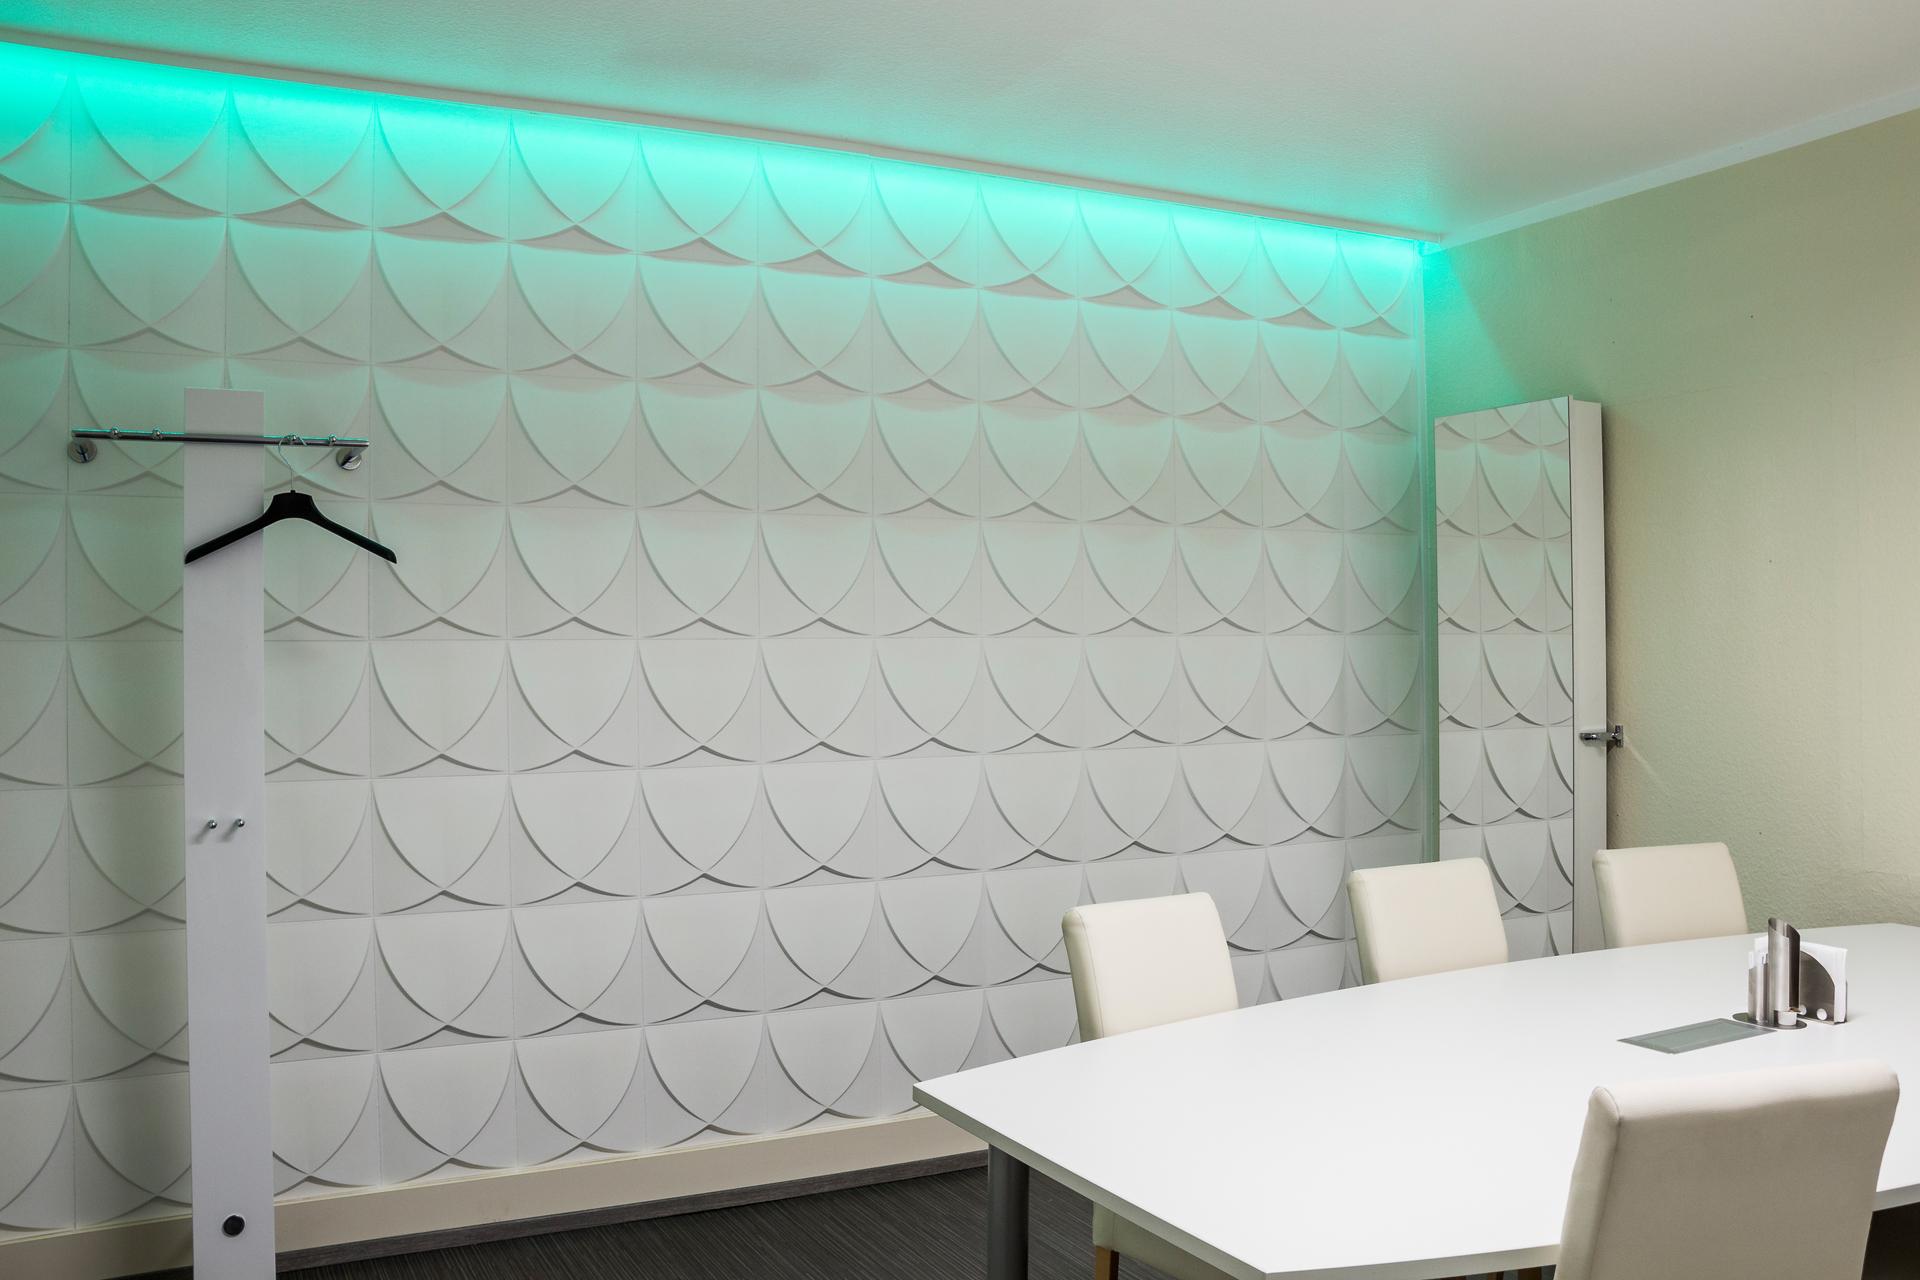 3D Wandpaneele - Referenzen - Besprechungsraum - Deckenpaneele - 3D Tapeten - Wandverkleidung - Verblender